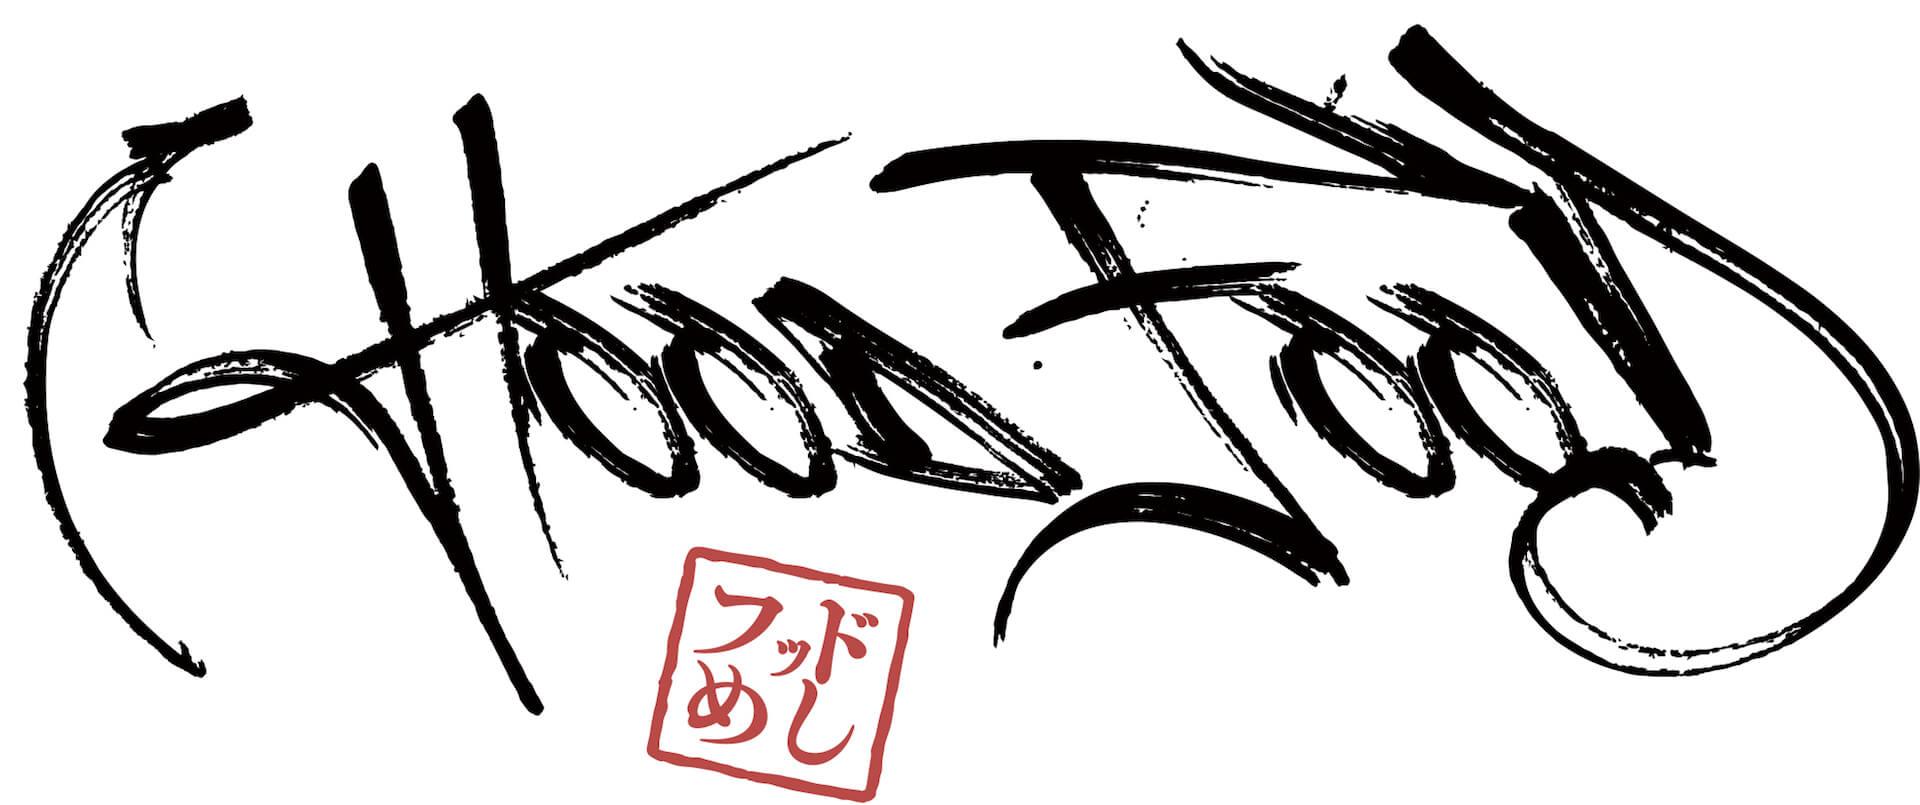 Qeticの新感覚グルメ番組『フッドめし』がスタート!初回は釈迦坊主×MARZY|WWWでのローンチパーティーも video200219_hoodfood_3-2